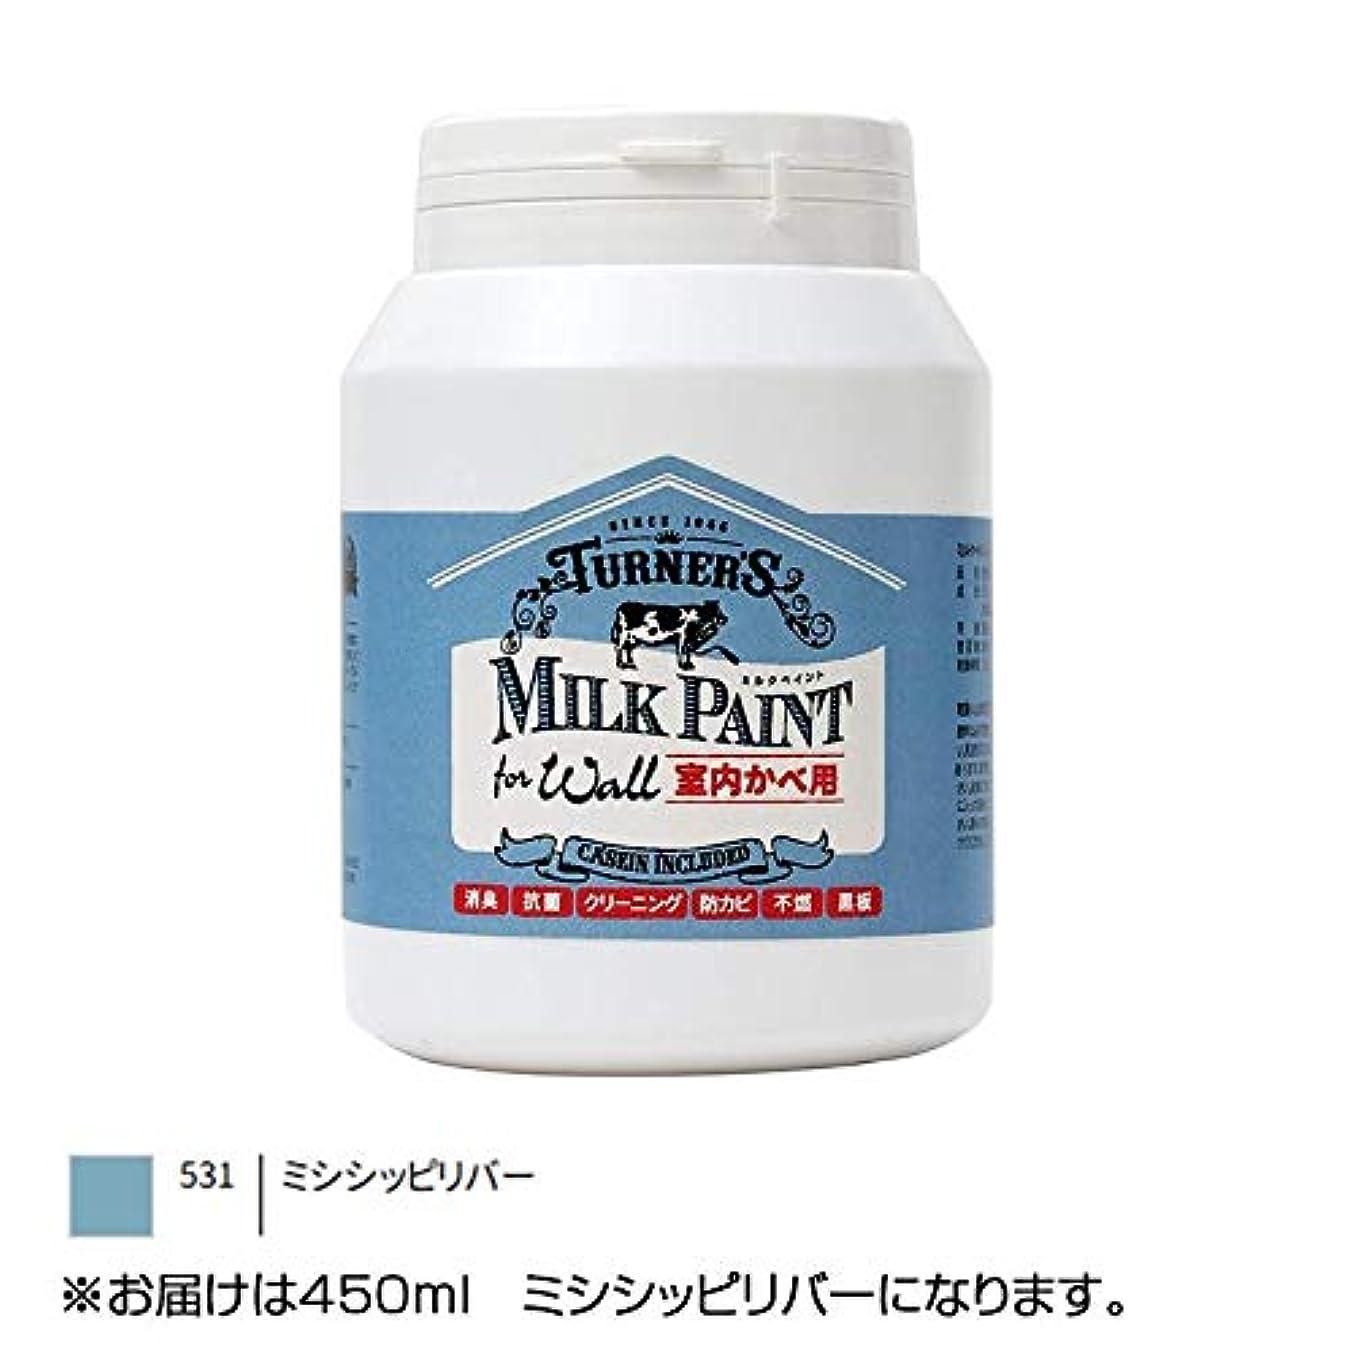 結婚したテクニカル漏れ室内かべ用のオリジナルペイント! ターナー色彩 ミルクペイントforウォール(室内かべ用) 450ml ミシシッピリバー MW450531 〈簡易梱包